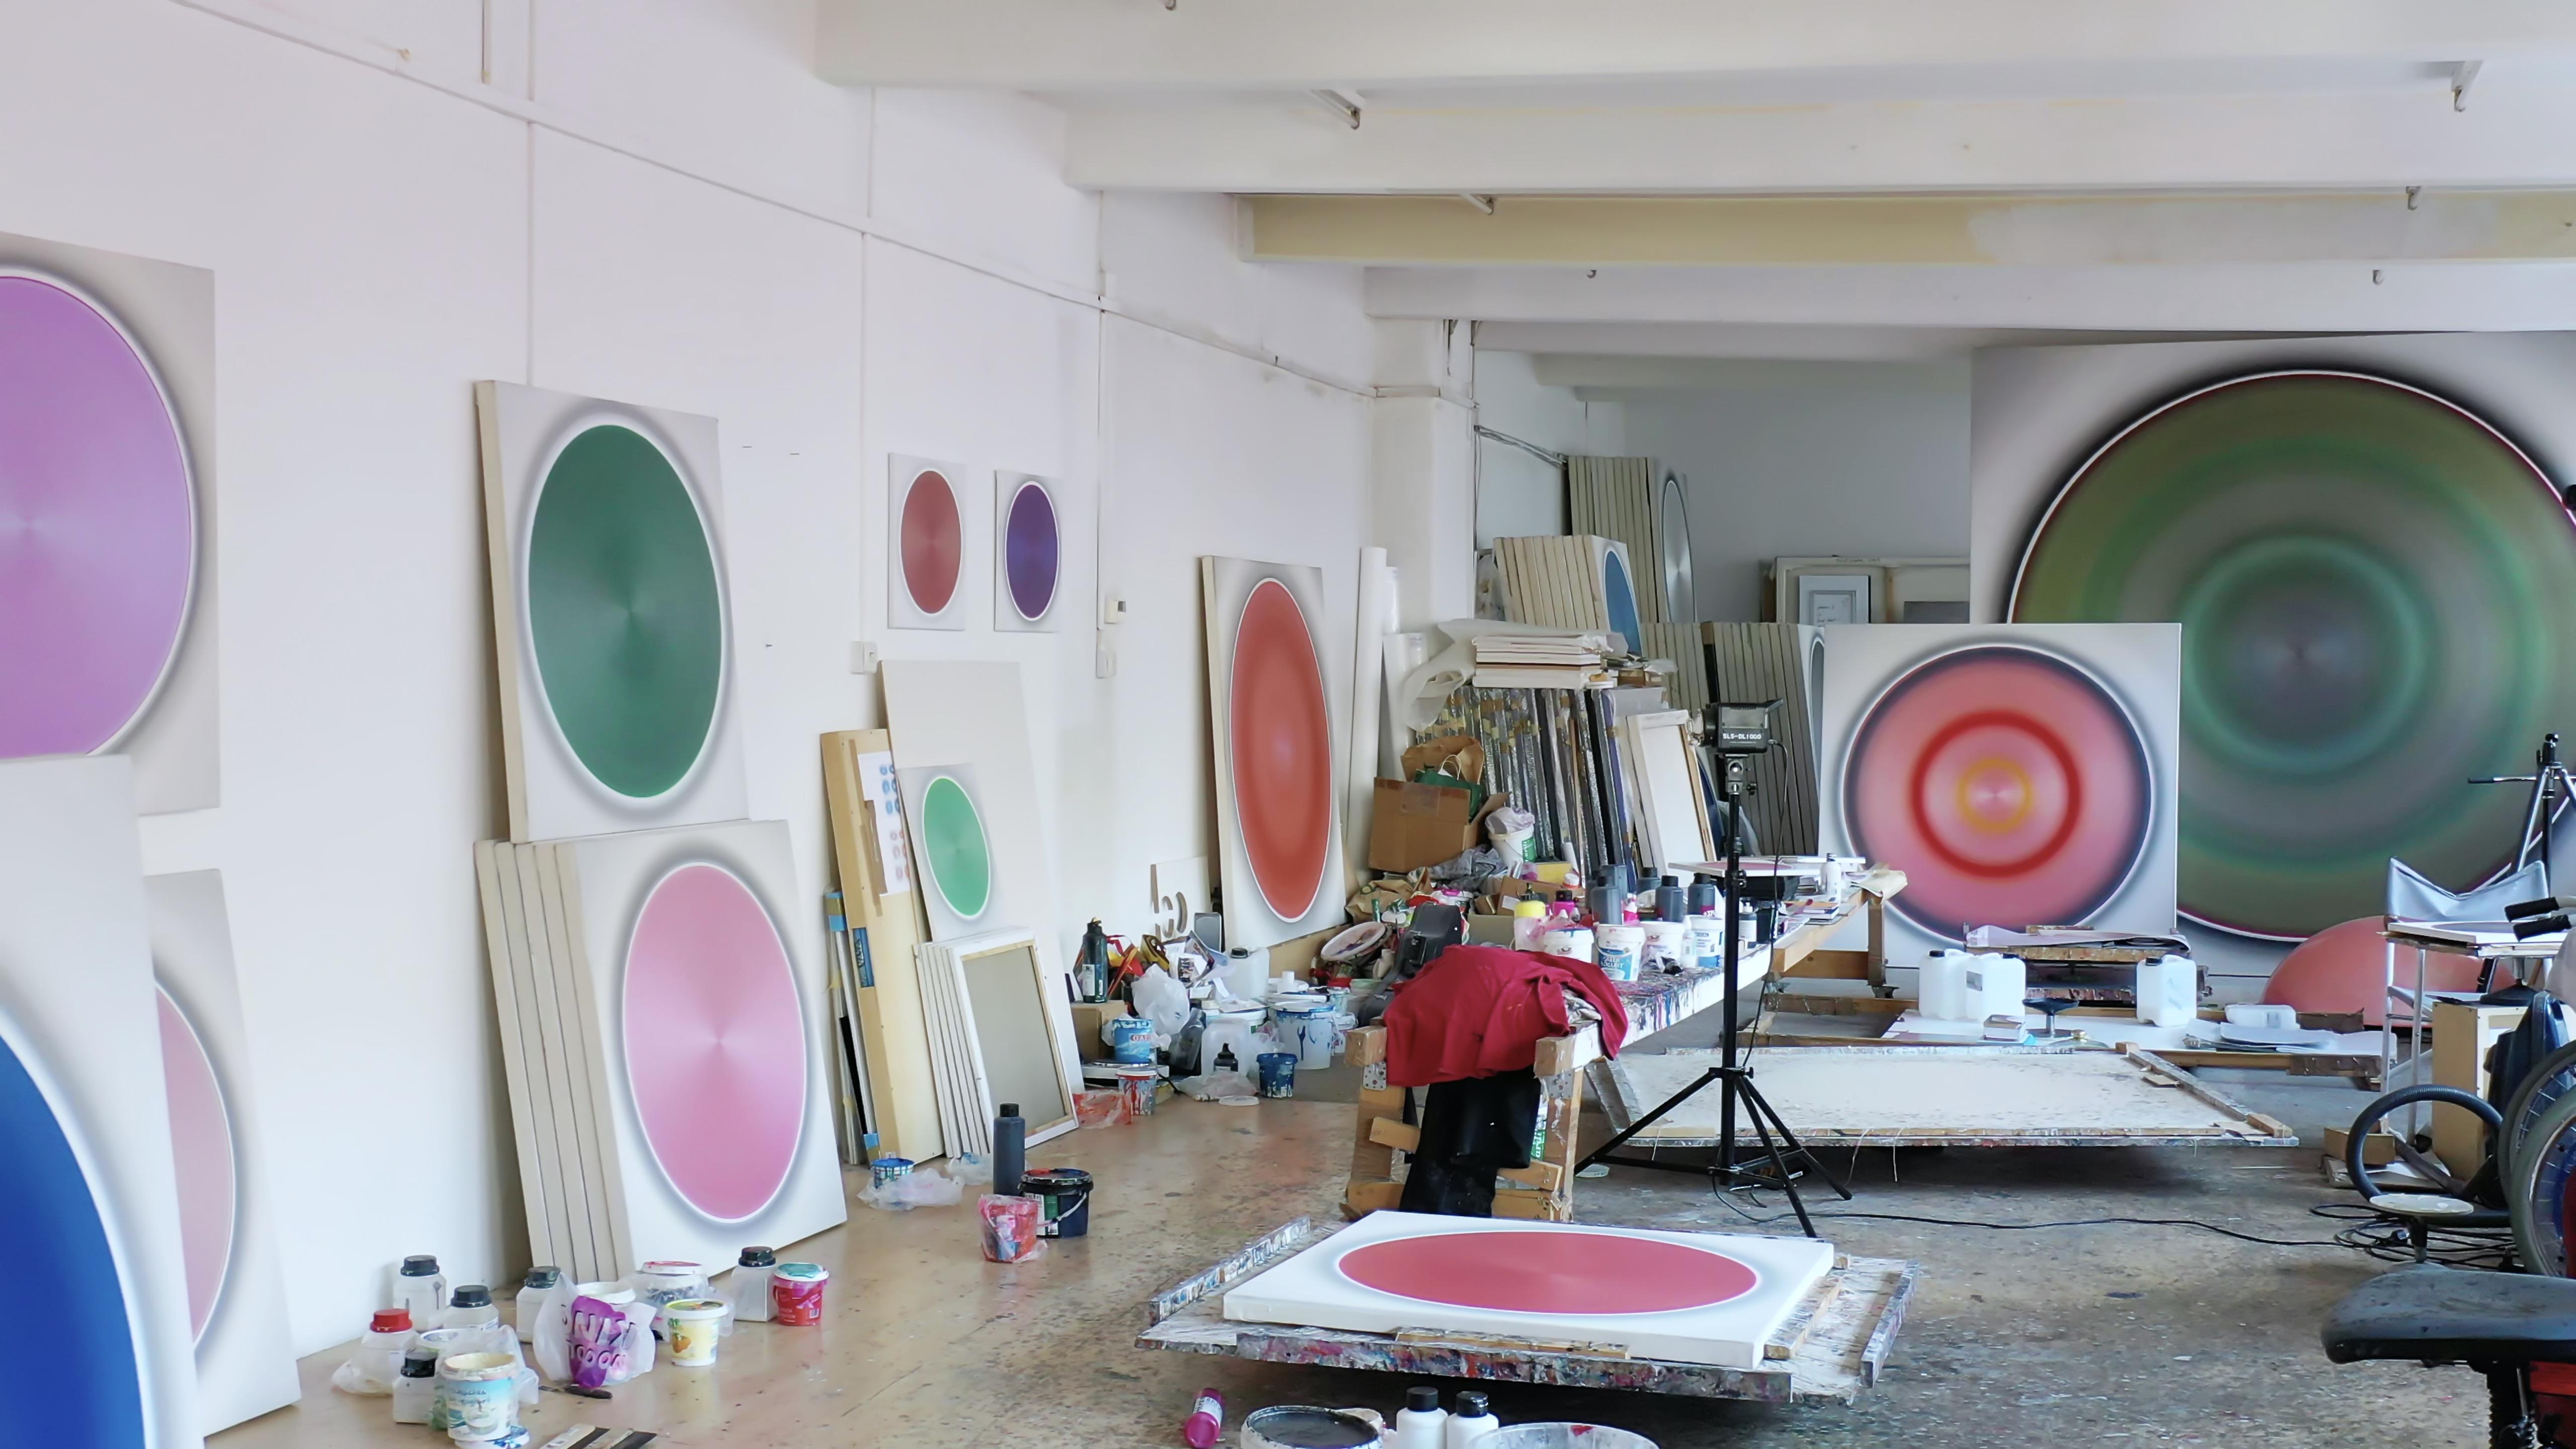 Robert Schaberl, Atelieransicht, 2020, Foto: Robert Schaberl